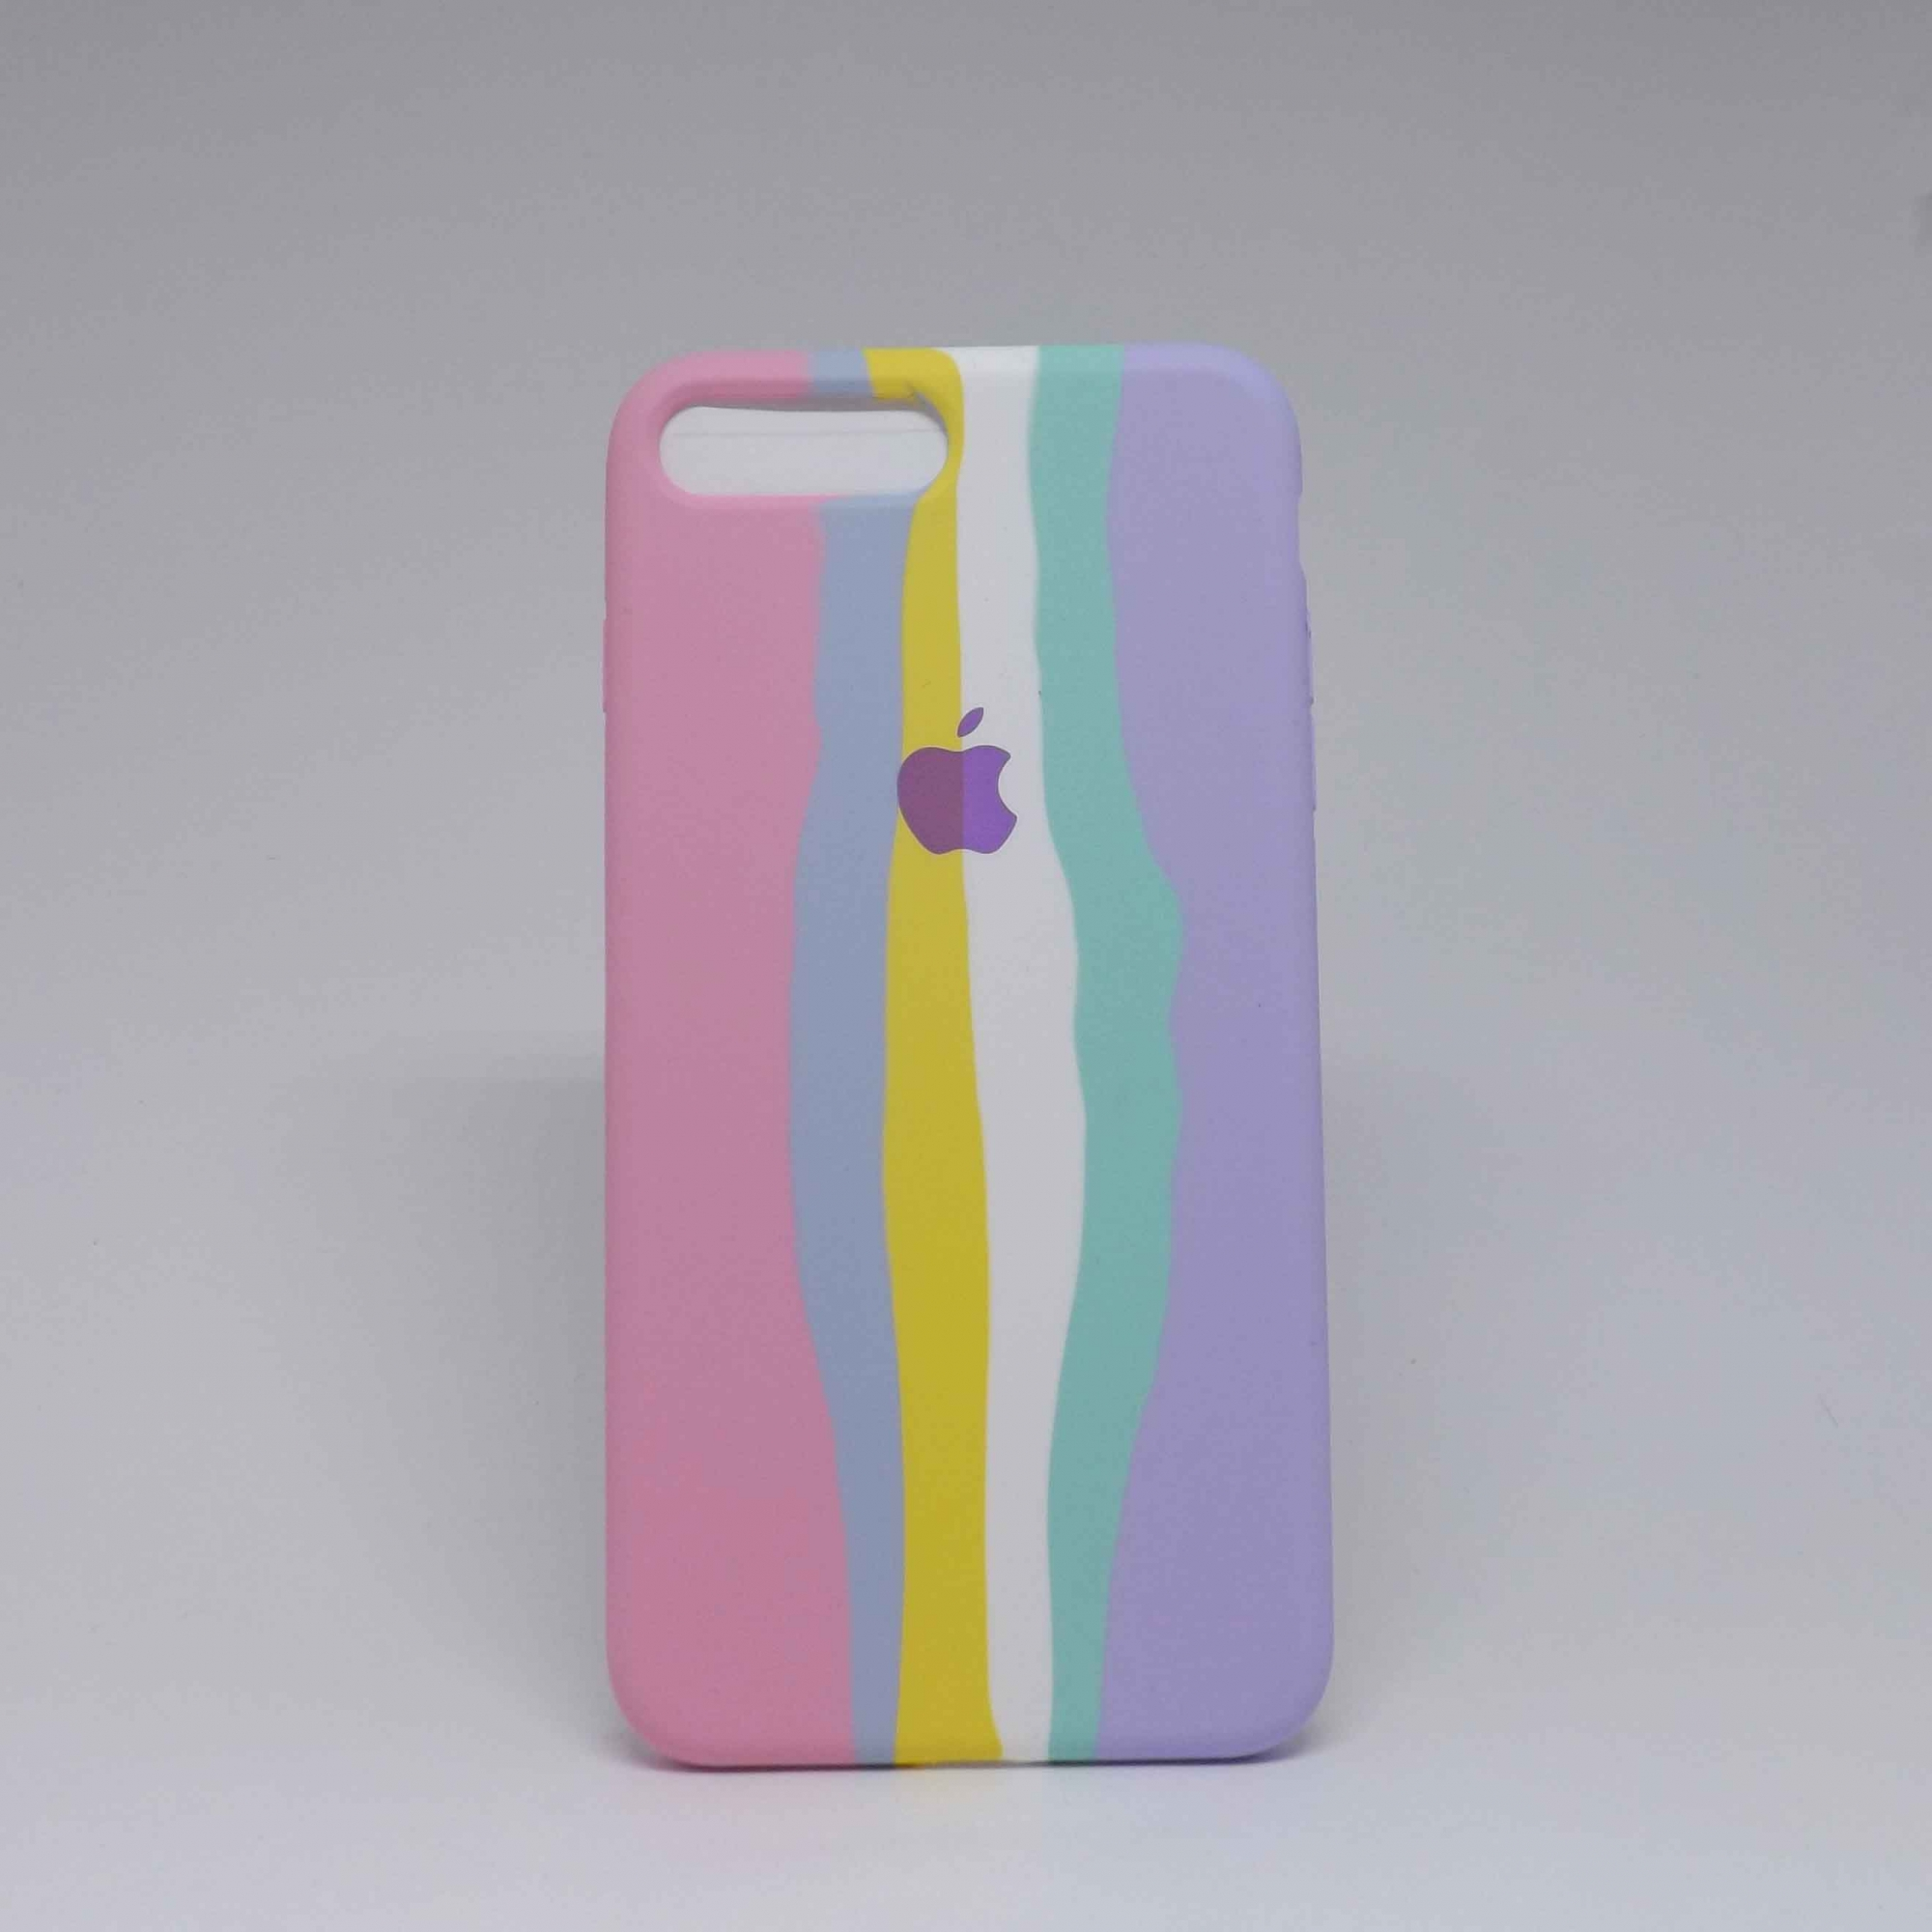 Capa iPhone 7/8 Plus Autêntica Arco-Íris Algodão